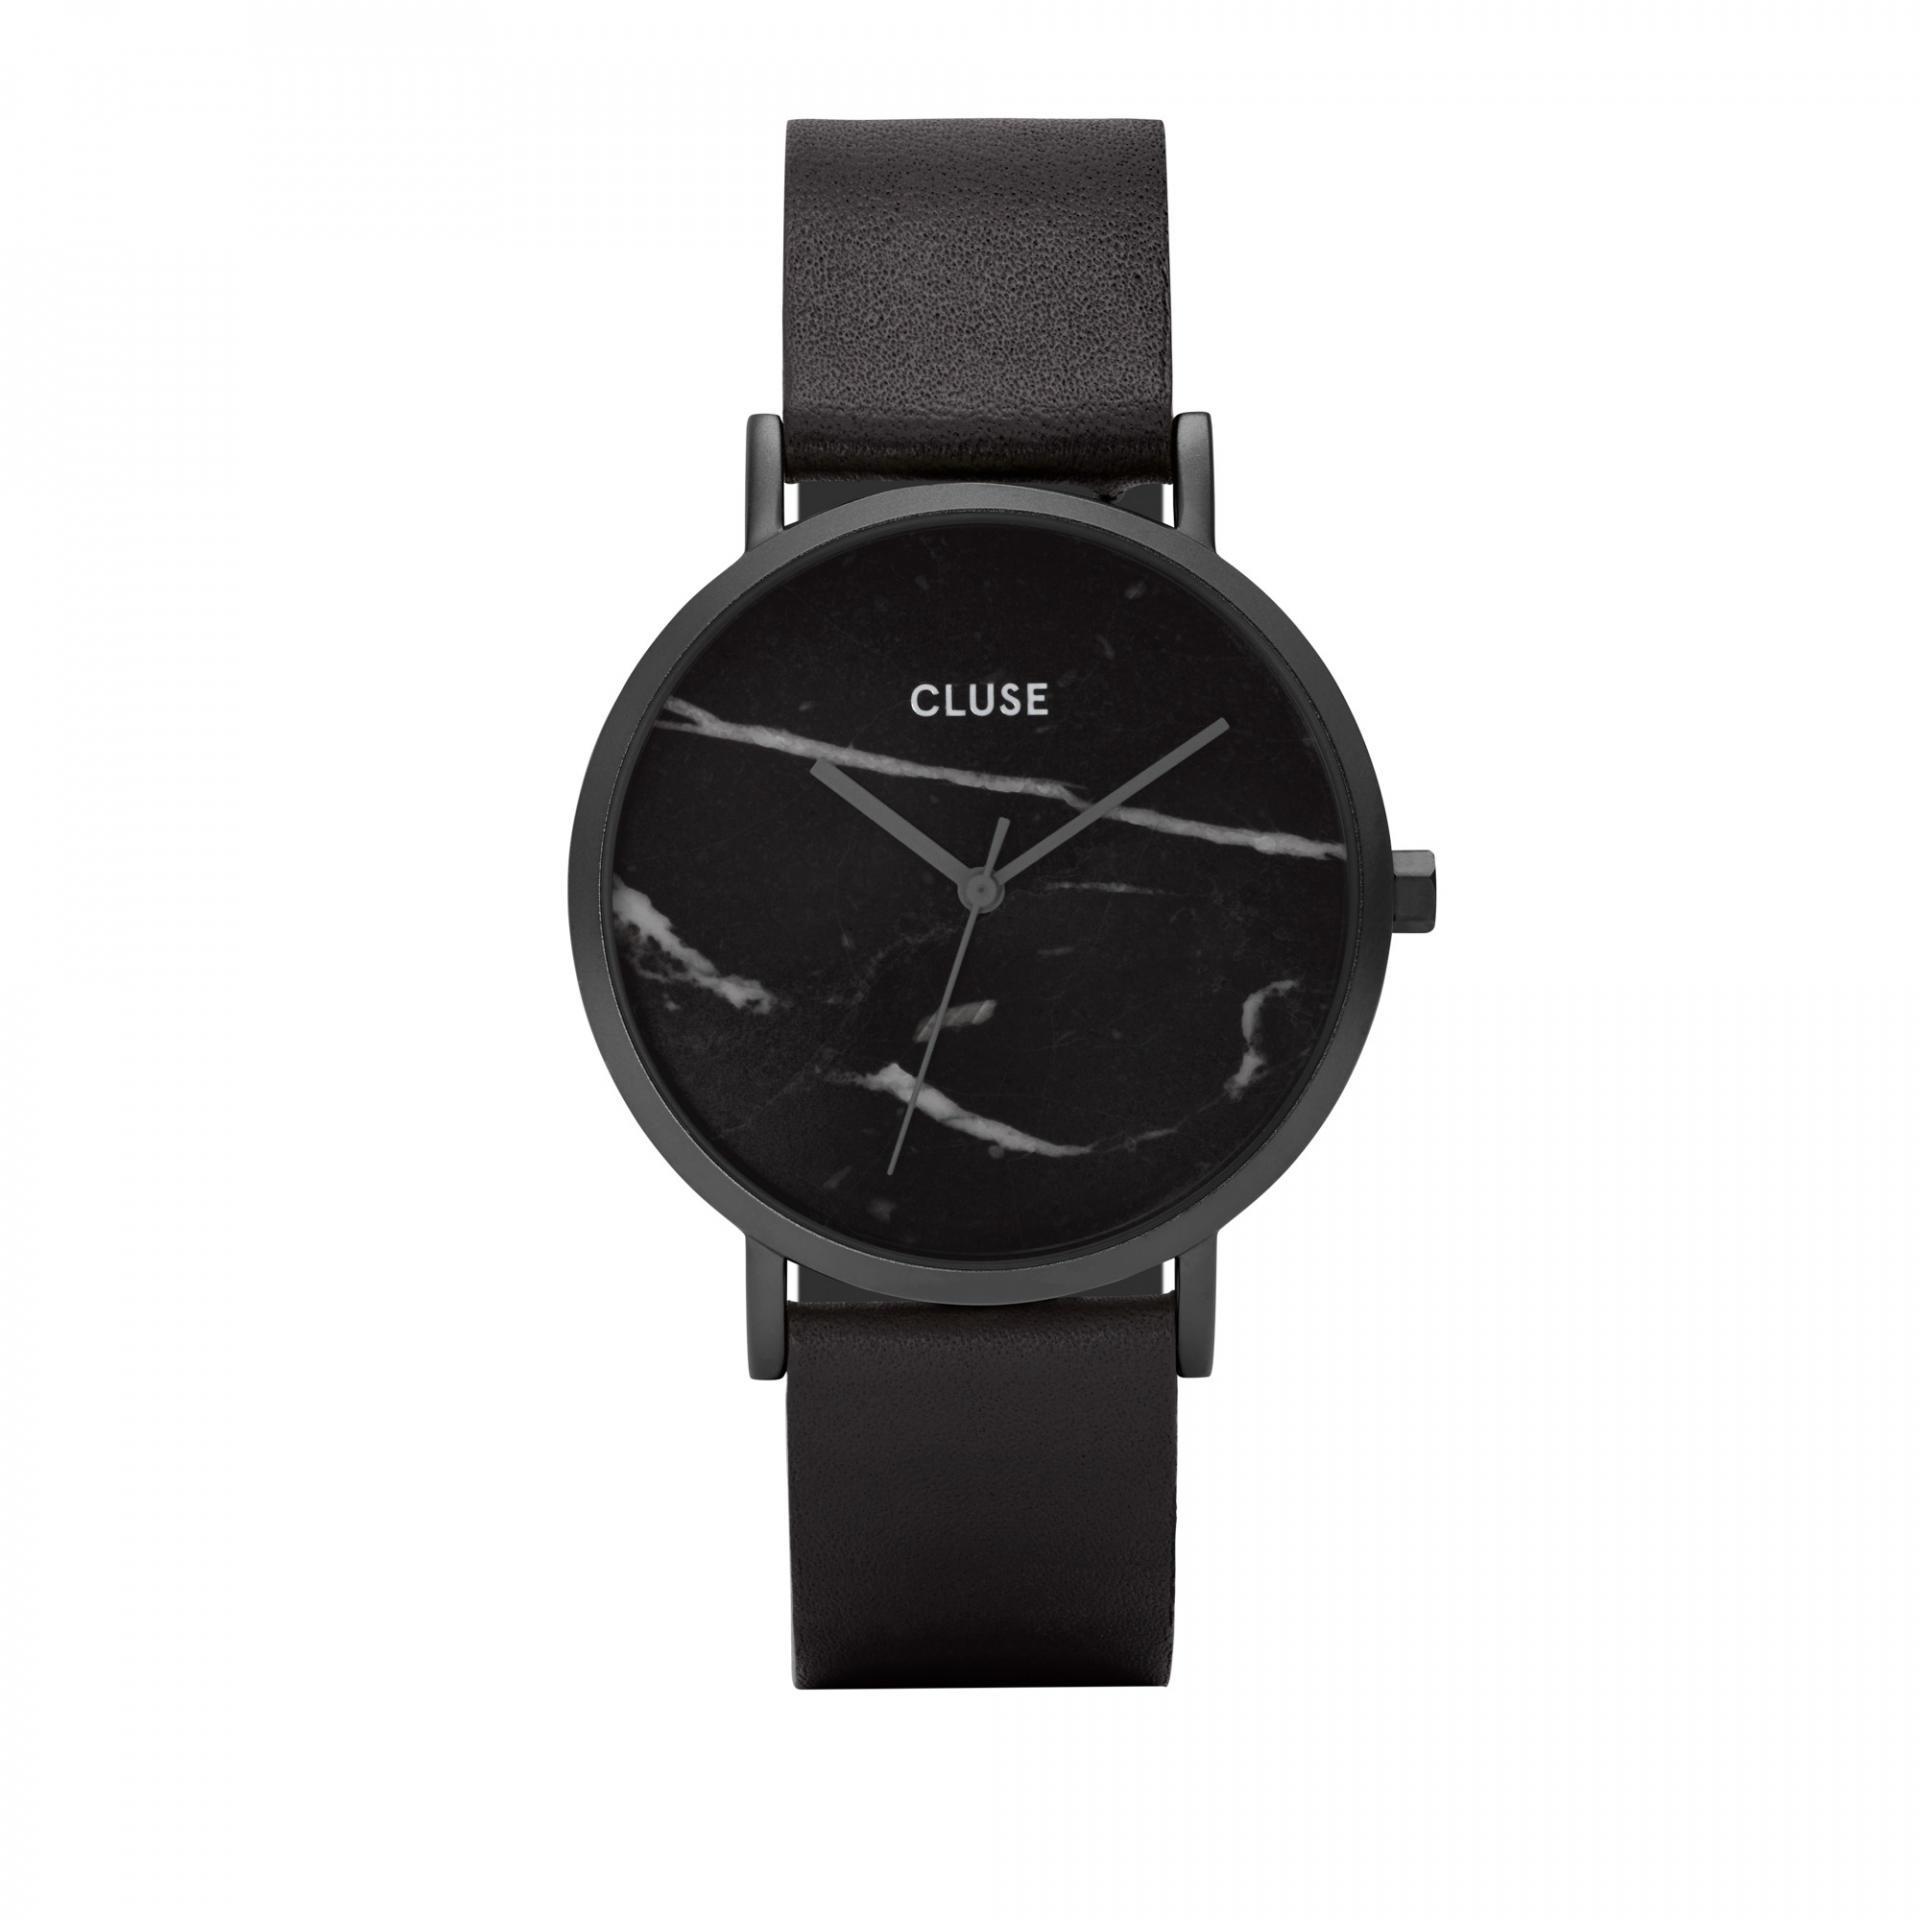 CLUSE Hodinky Cluse La Roche Full Black/black Marble, černá barva, kůže, mramor